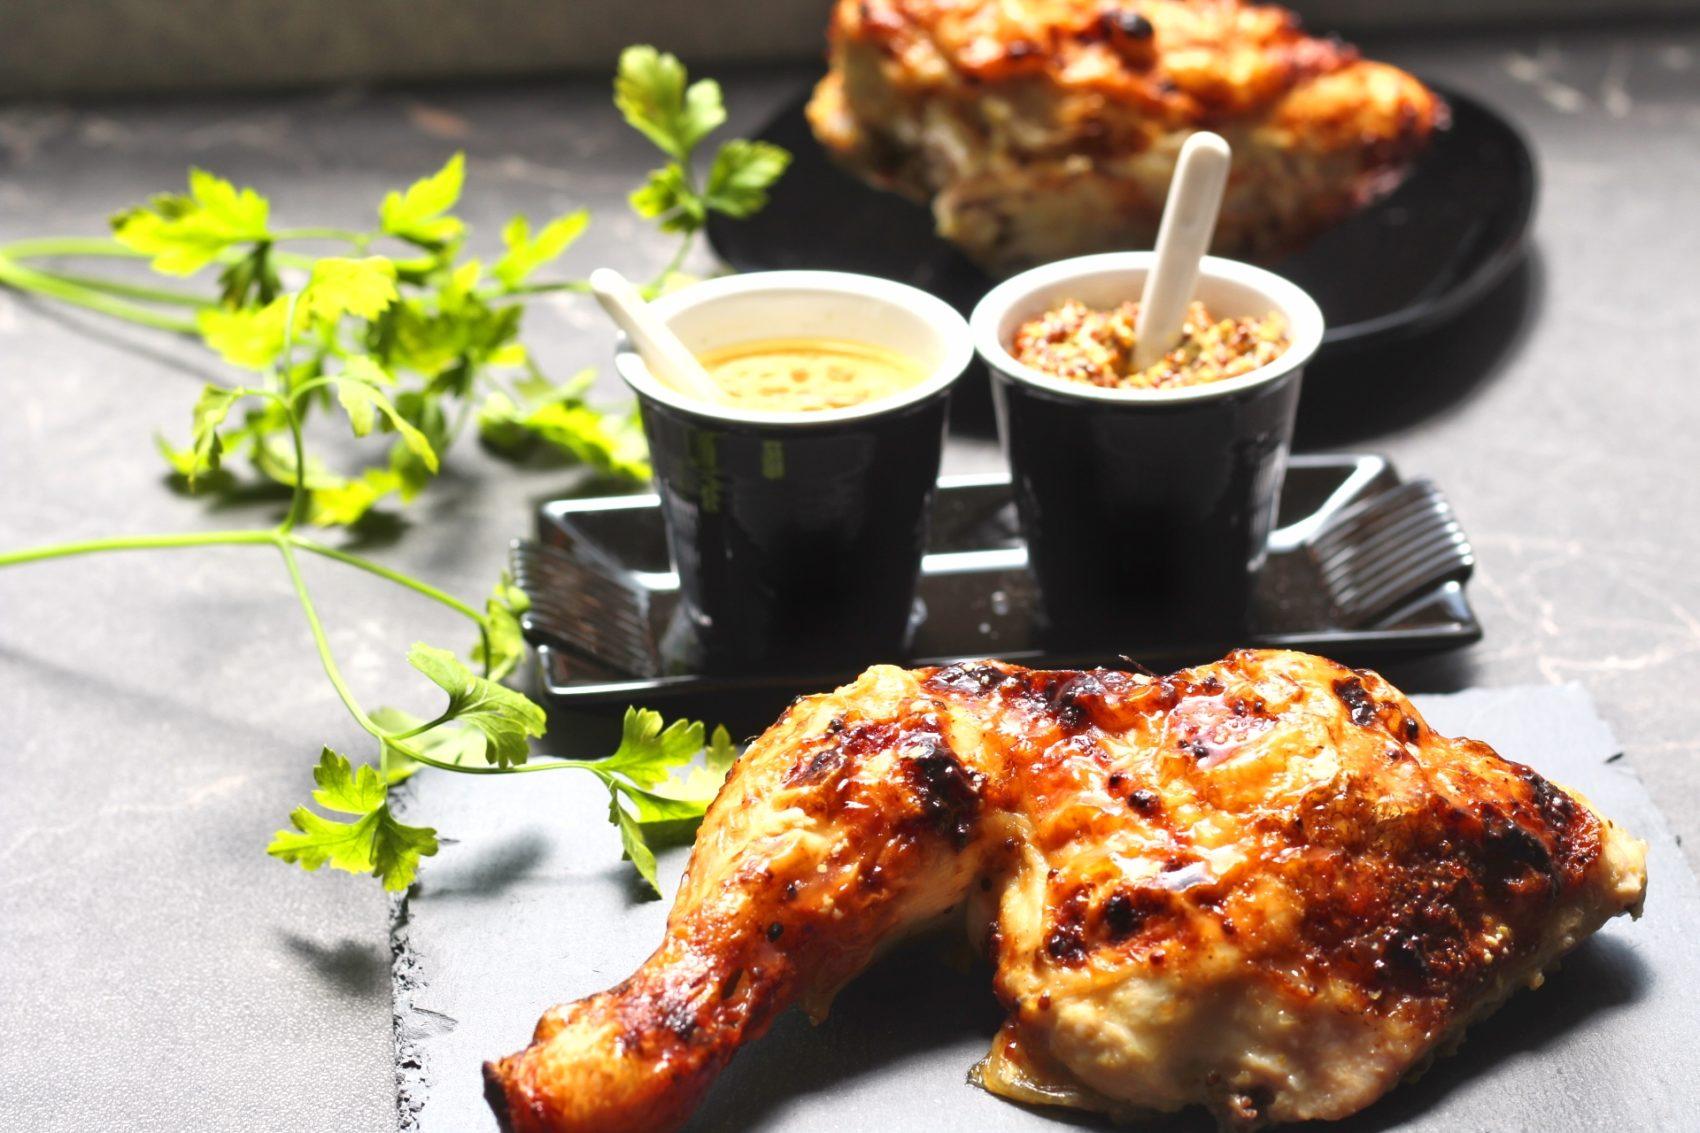 Jamoncitos de pollo asados con miel y mostaza a la antigua